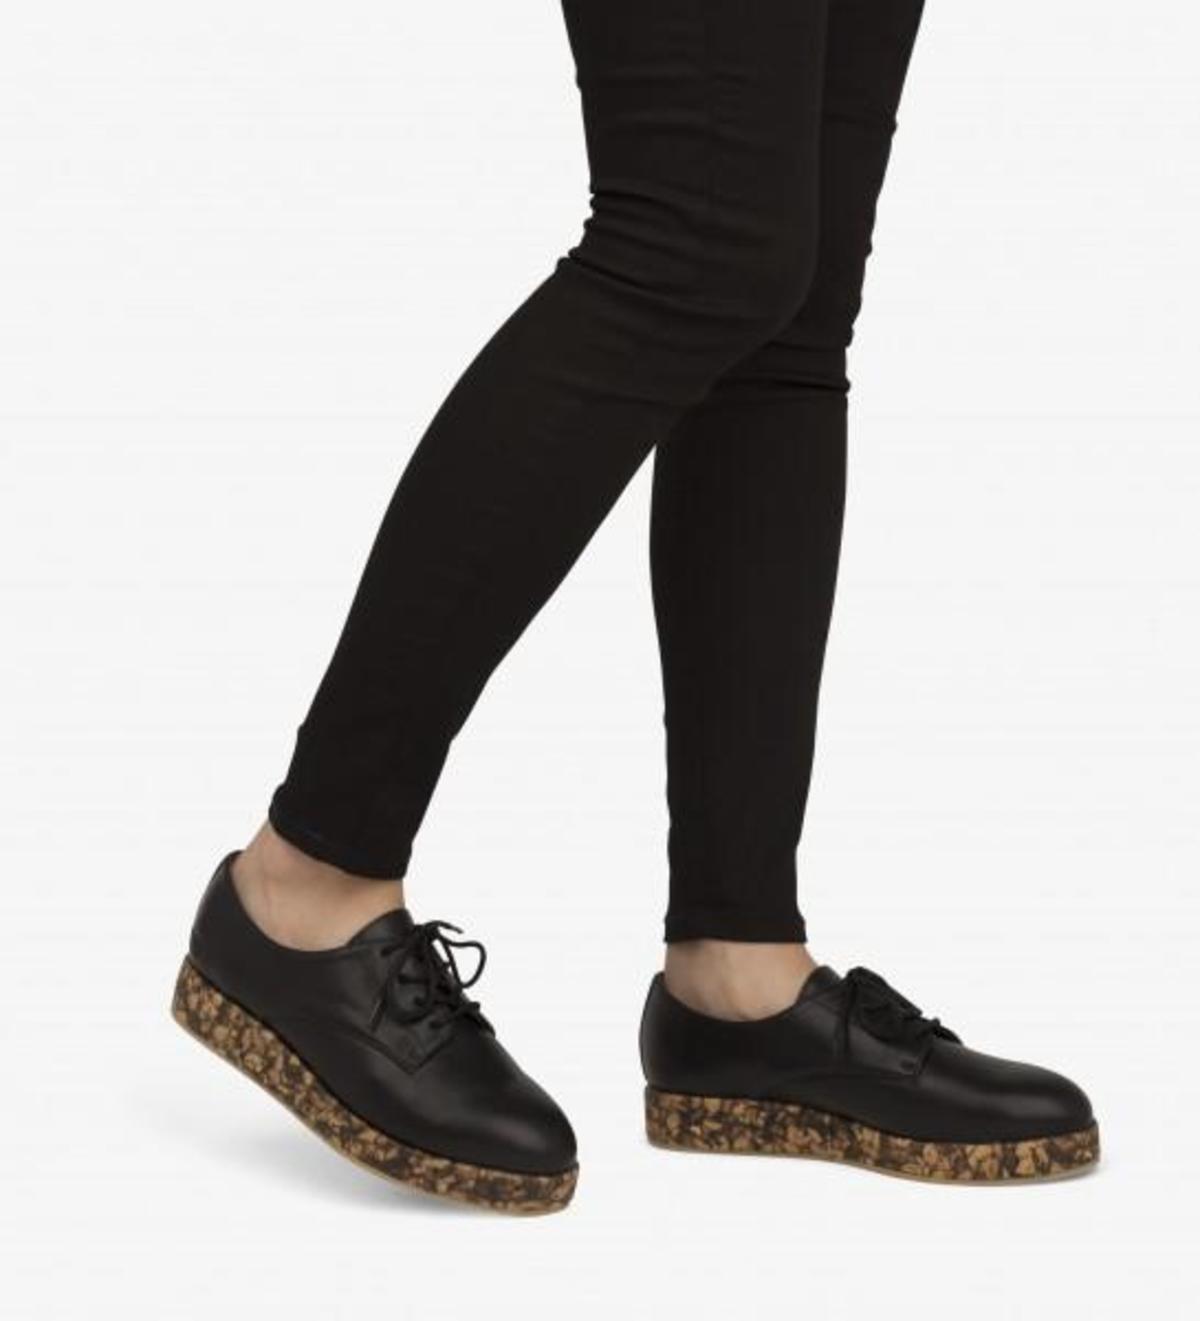 Matt /& Nat Hall Shoes Black